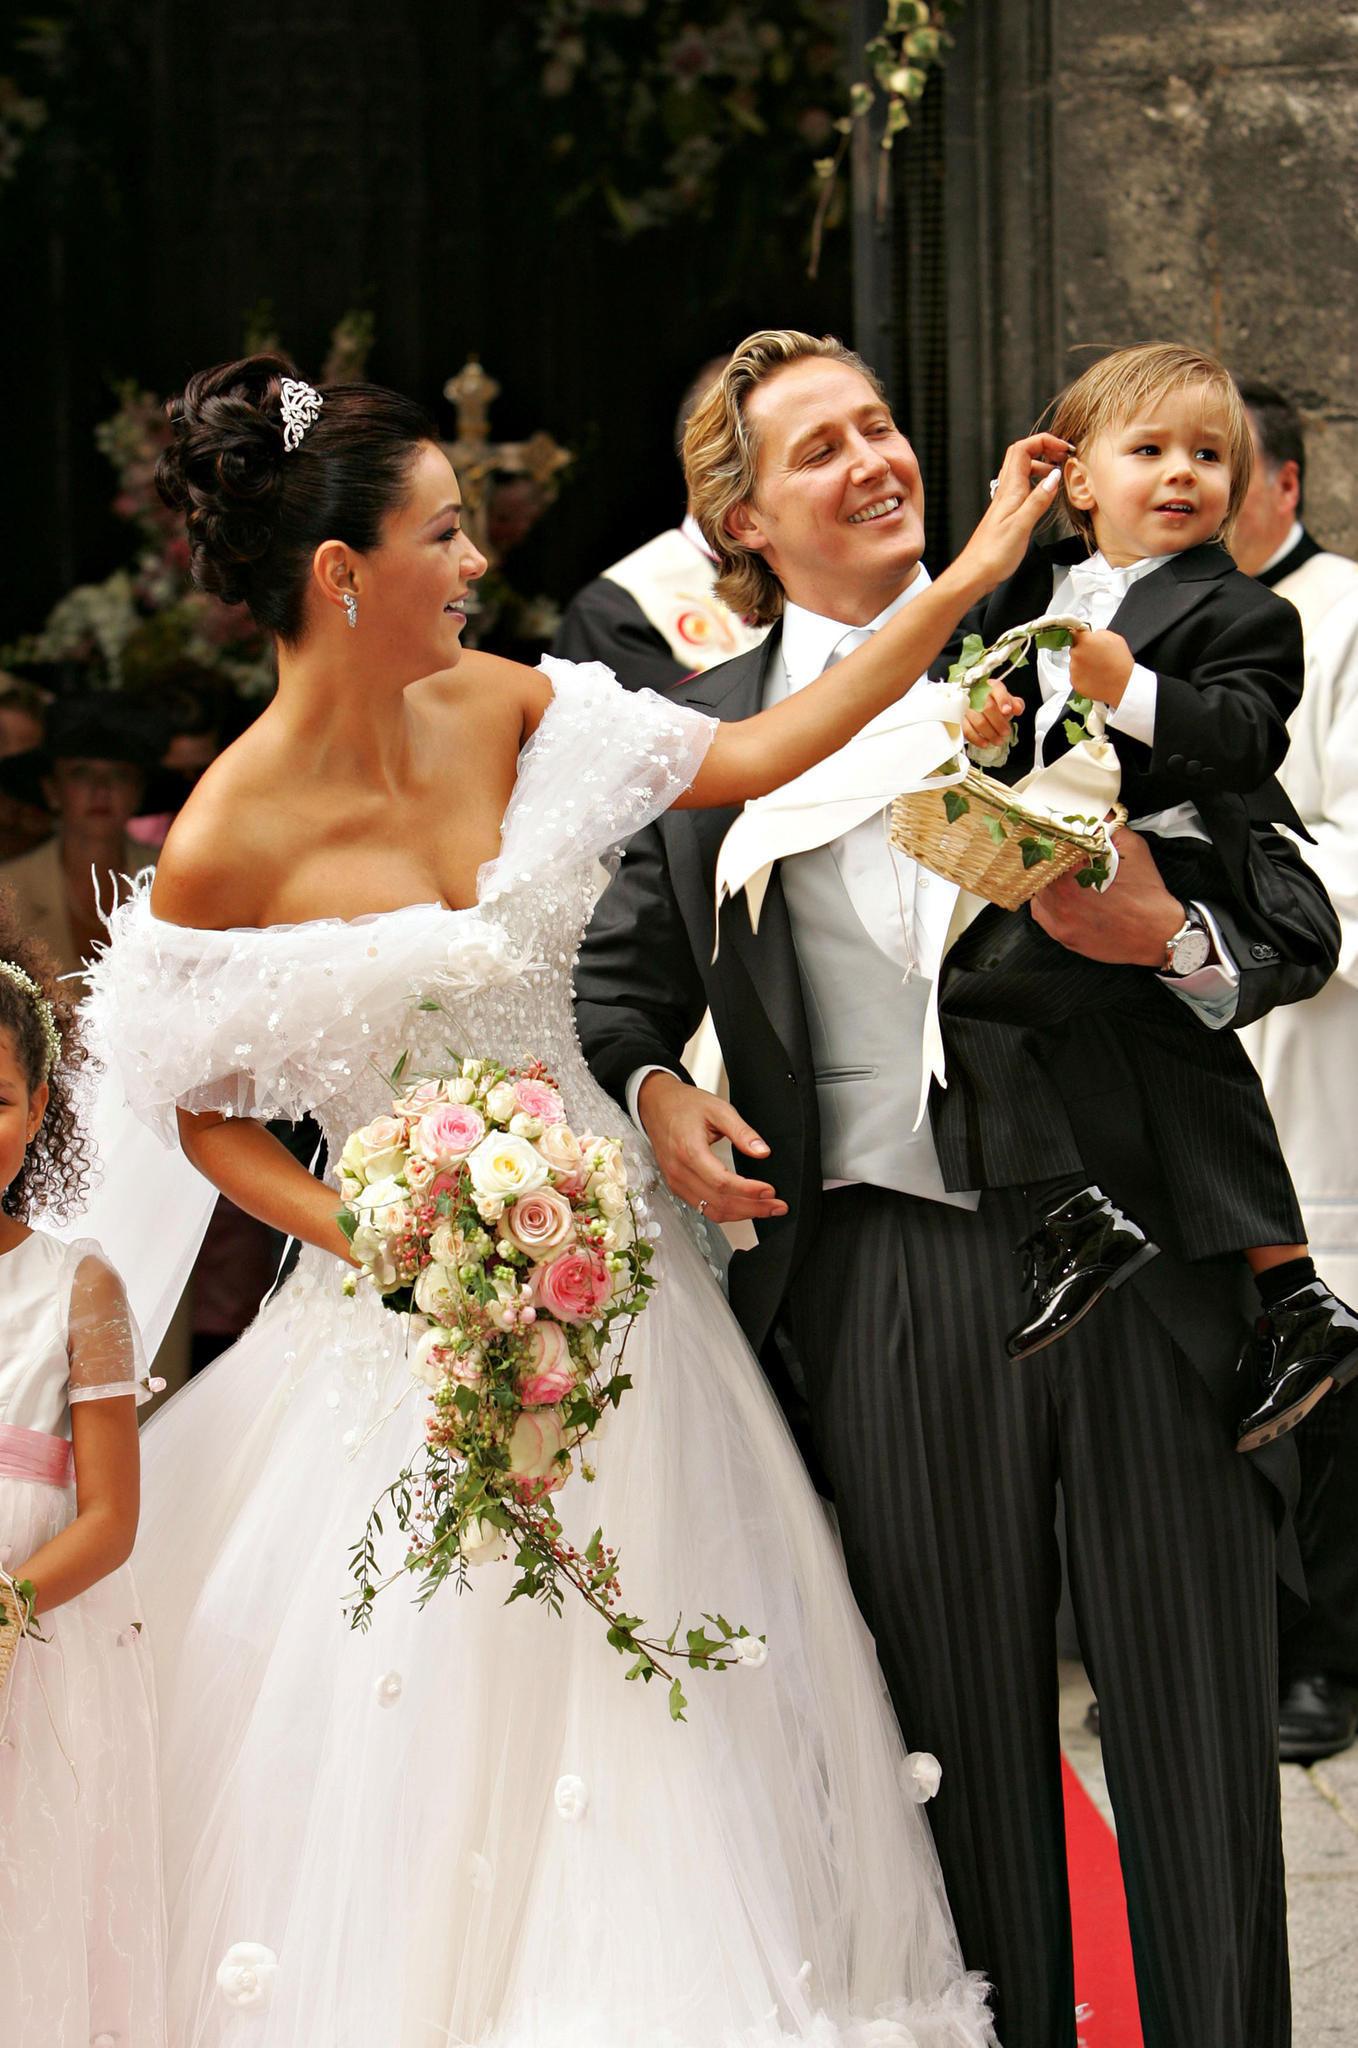 Verona Pooth Hochzeitskleid  Verona Pooth ihr extravaganter Ehering